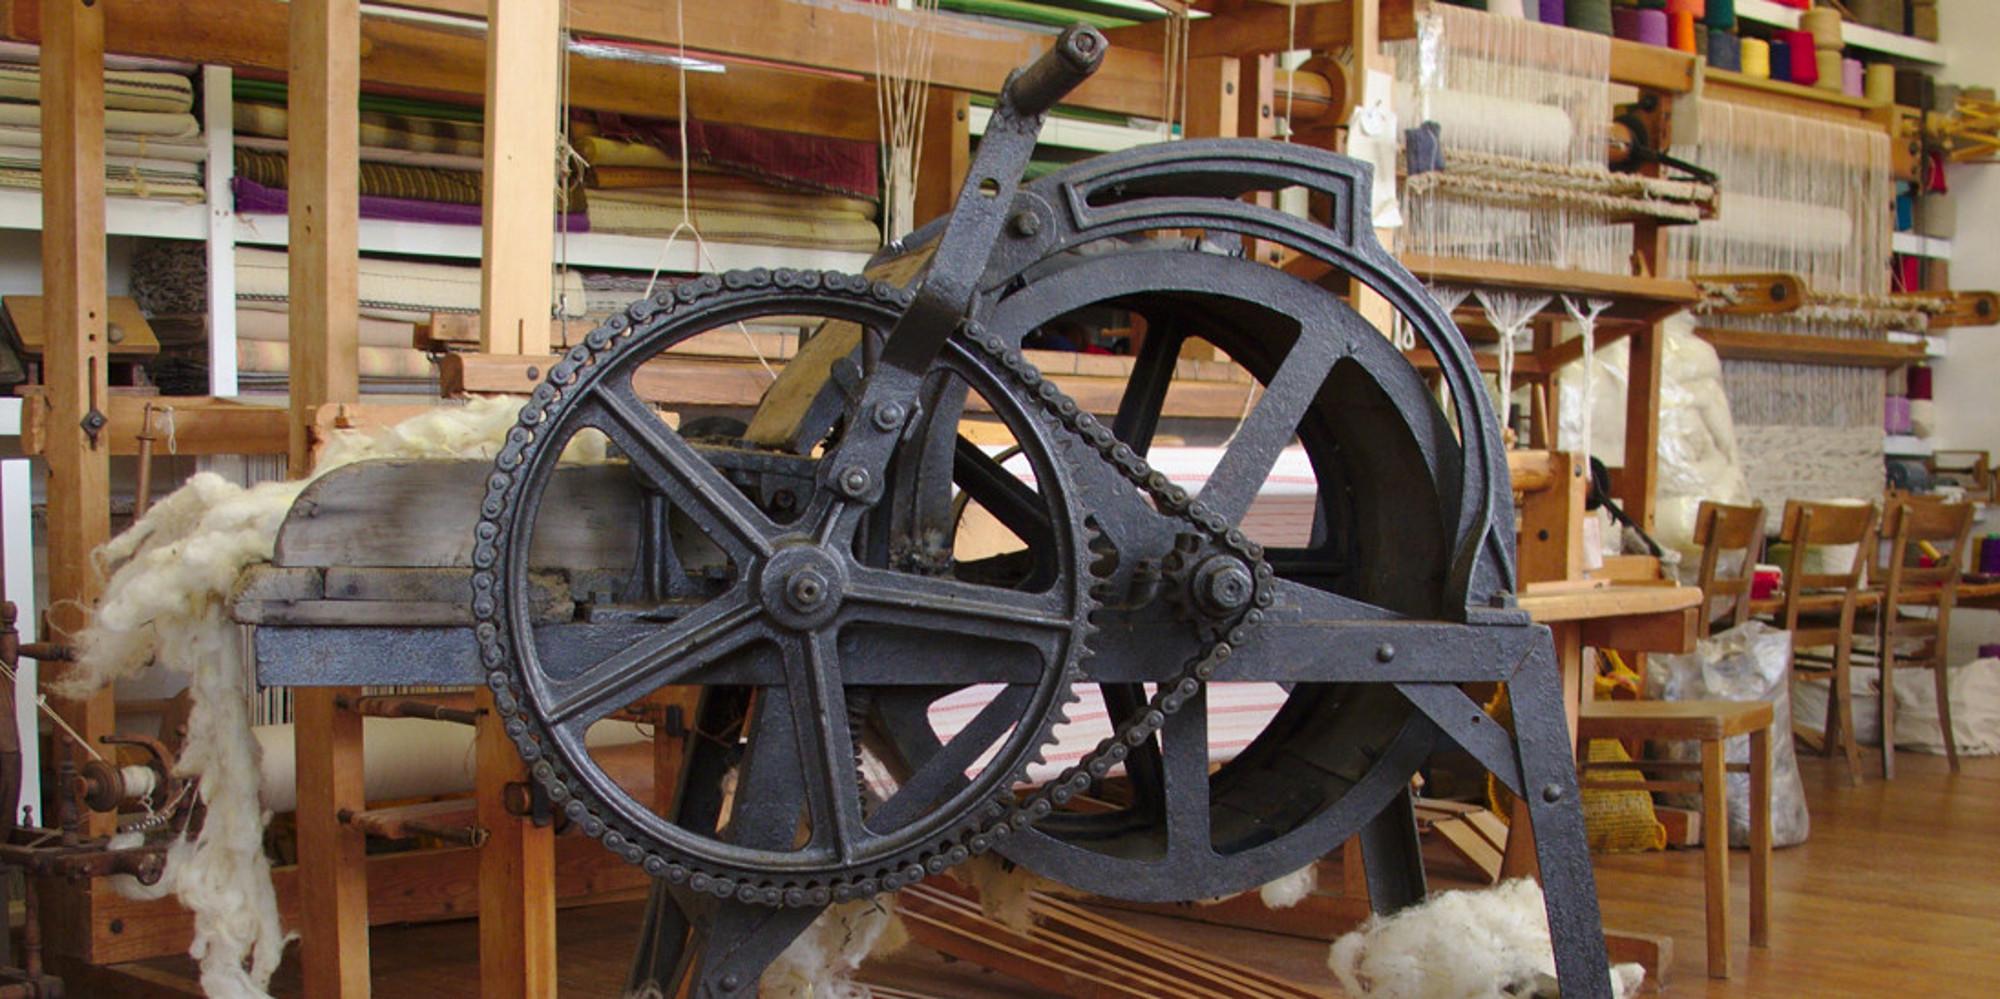 Wollwolf - Gerät zur Bearbeitung von Rohwolle